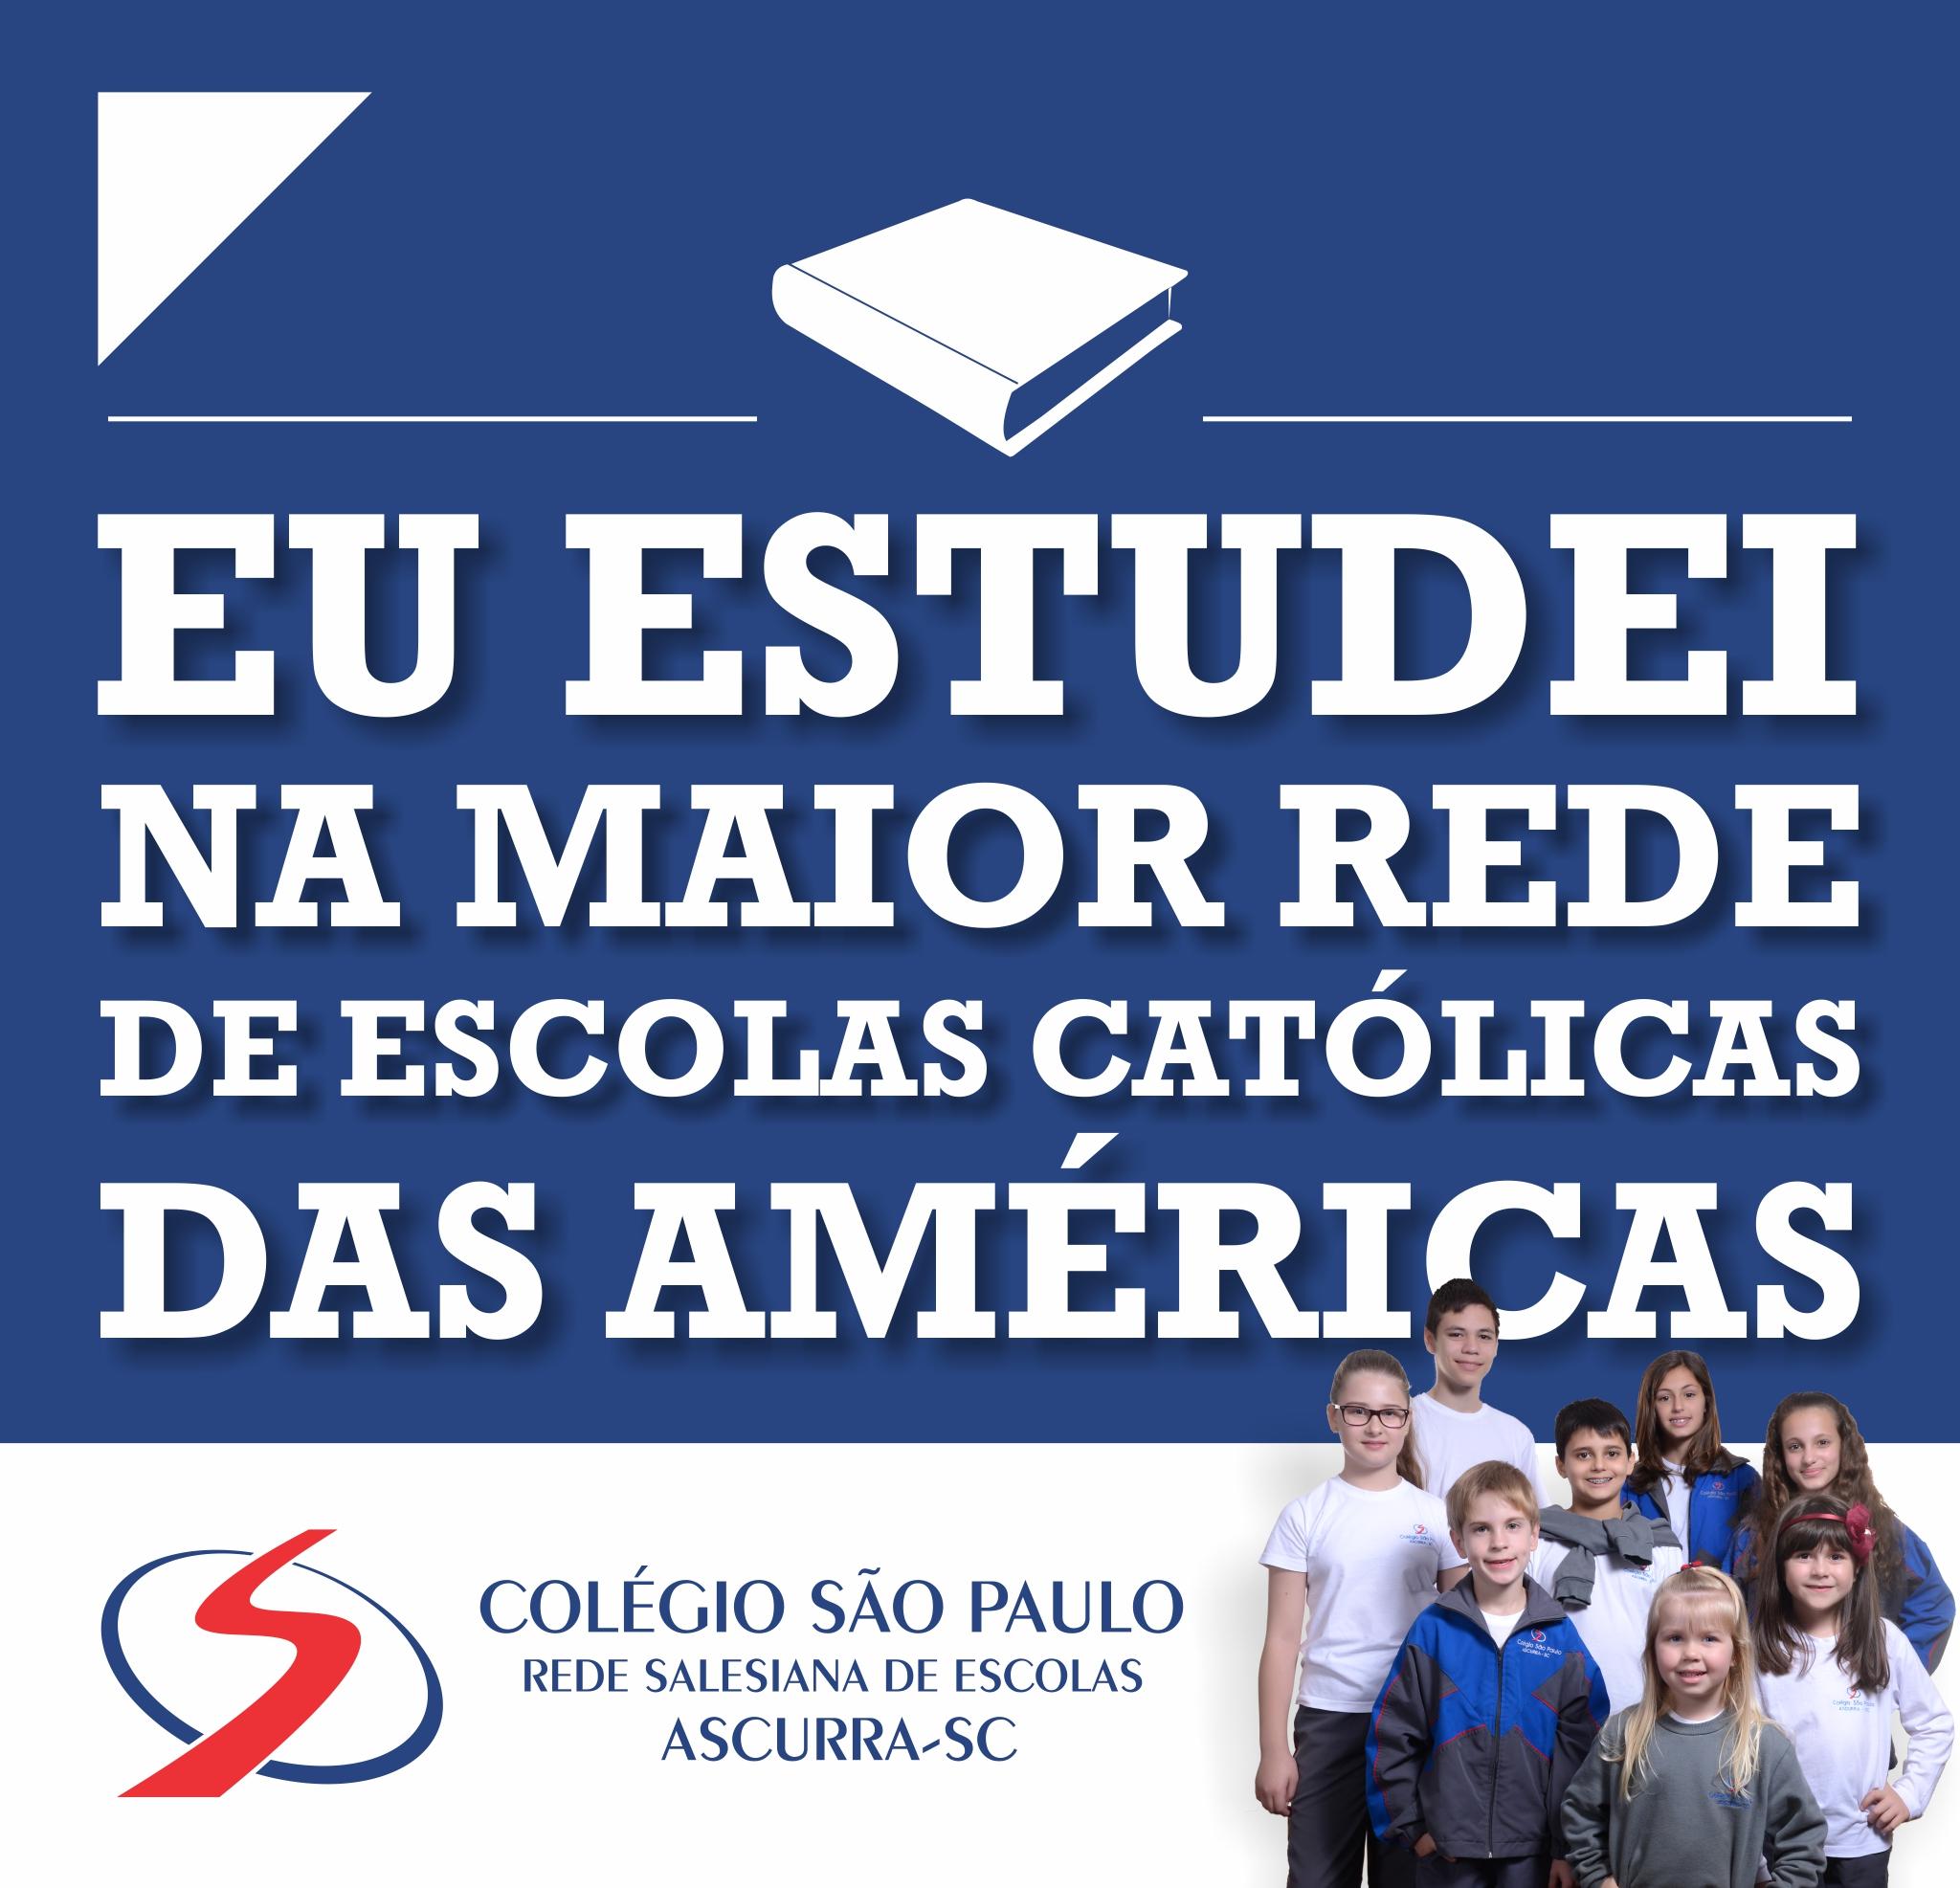 Eu_estudei_csp